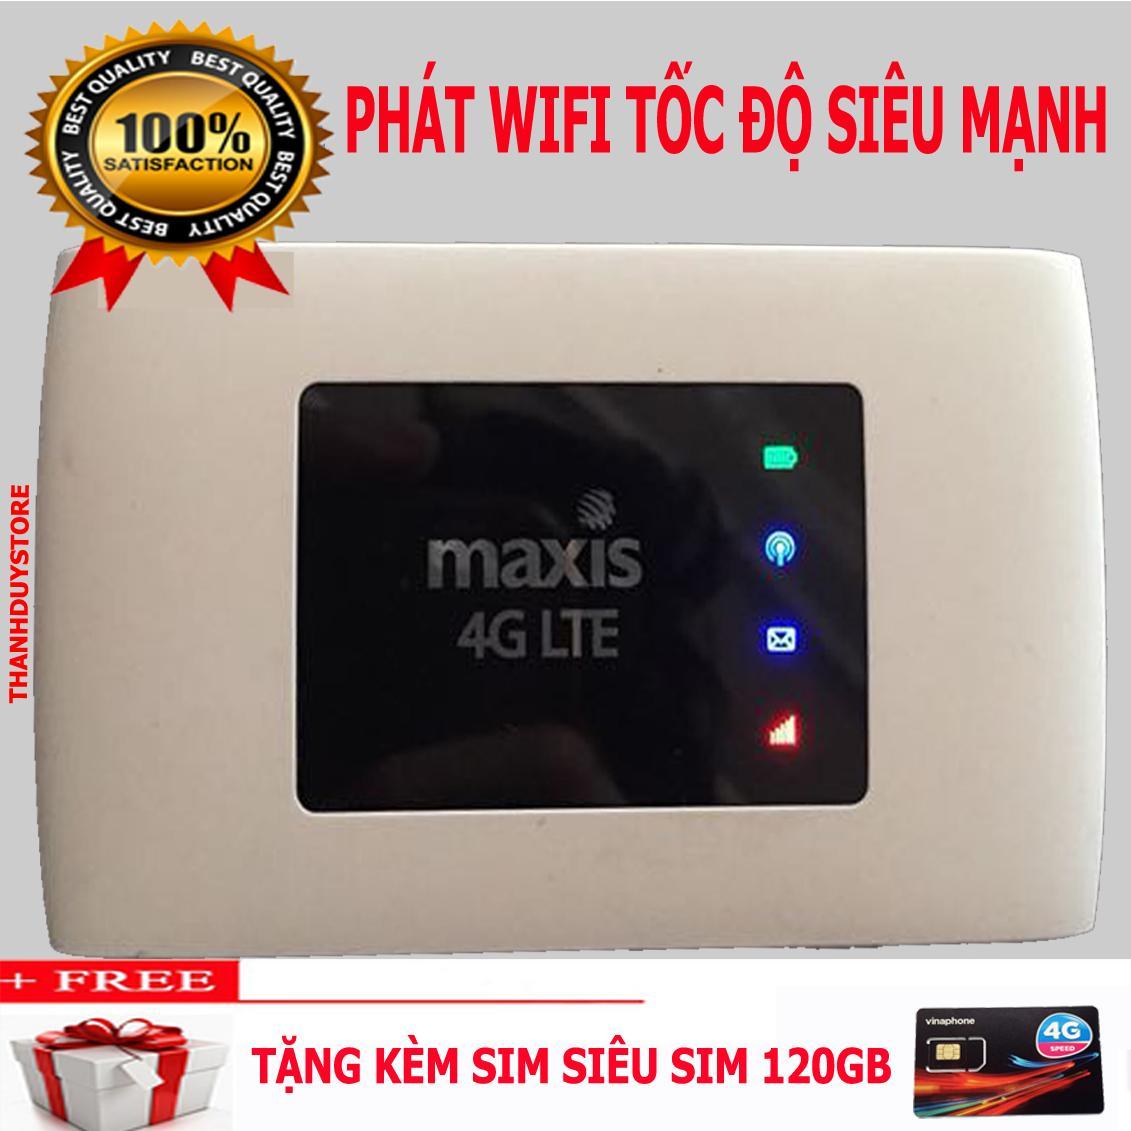 Cục phát wifi 4G tốc độ khủng Maxis MF920W hàng chuẩn Mobifone,tặng siêu sim 120GB/tháng miễn phí